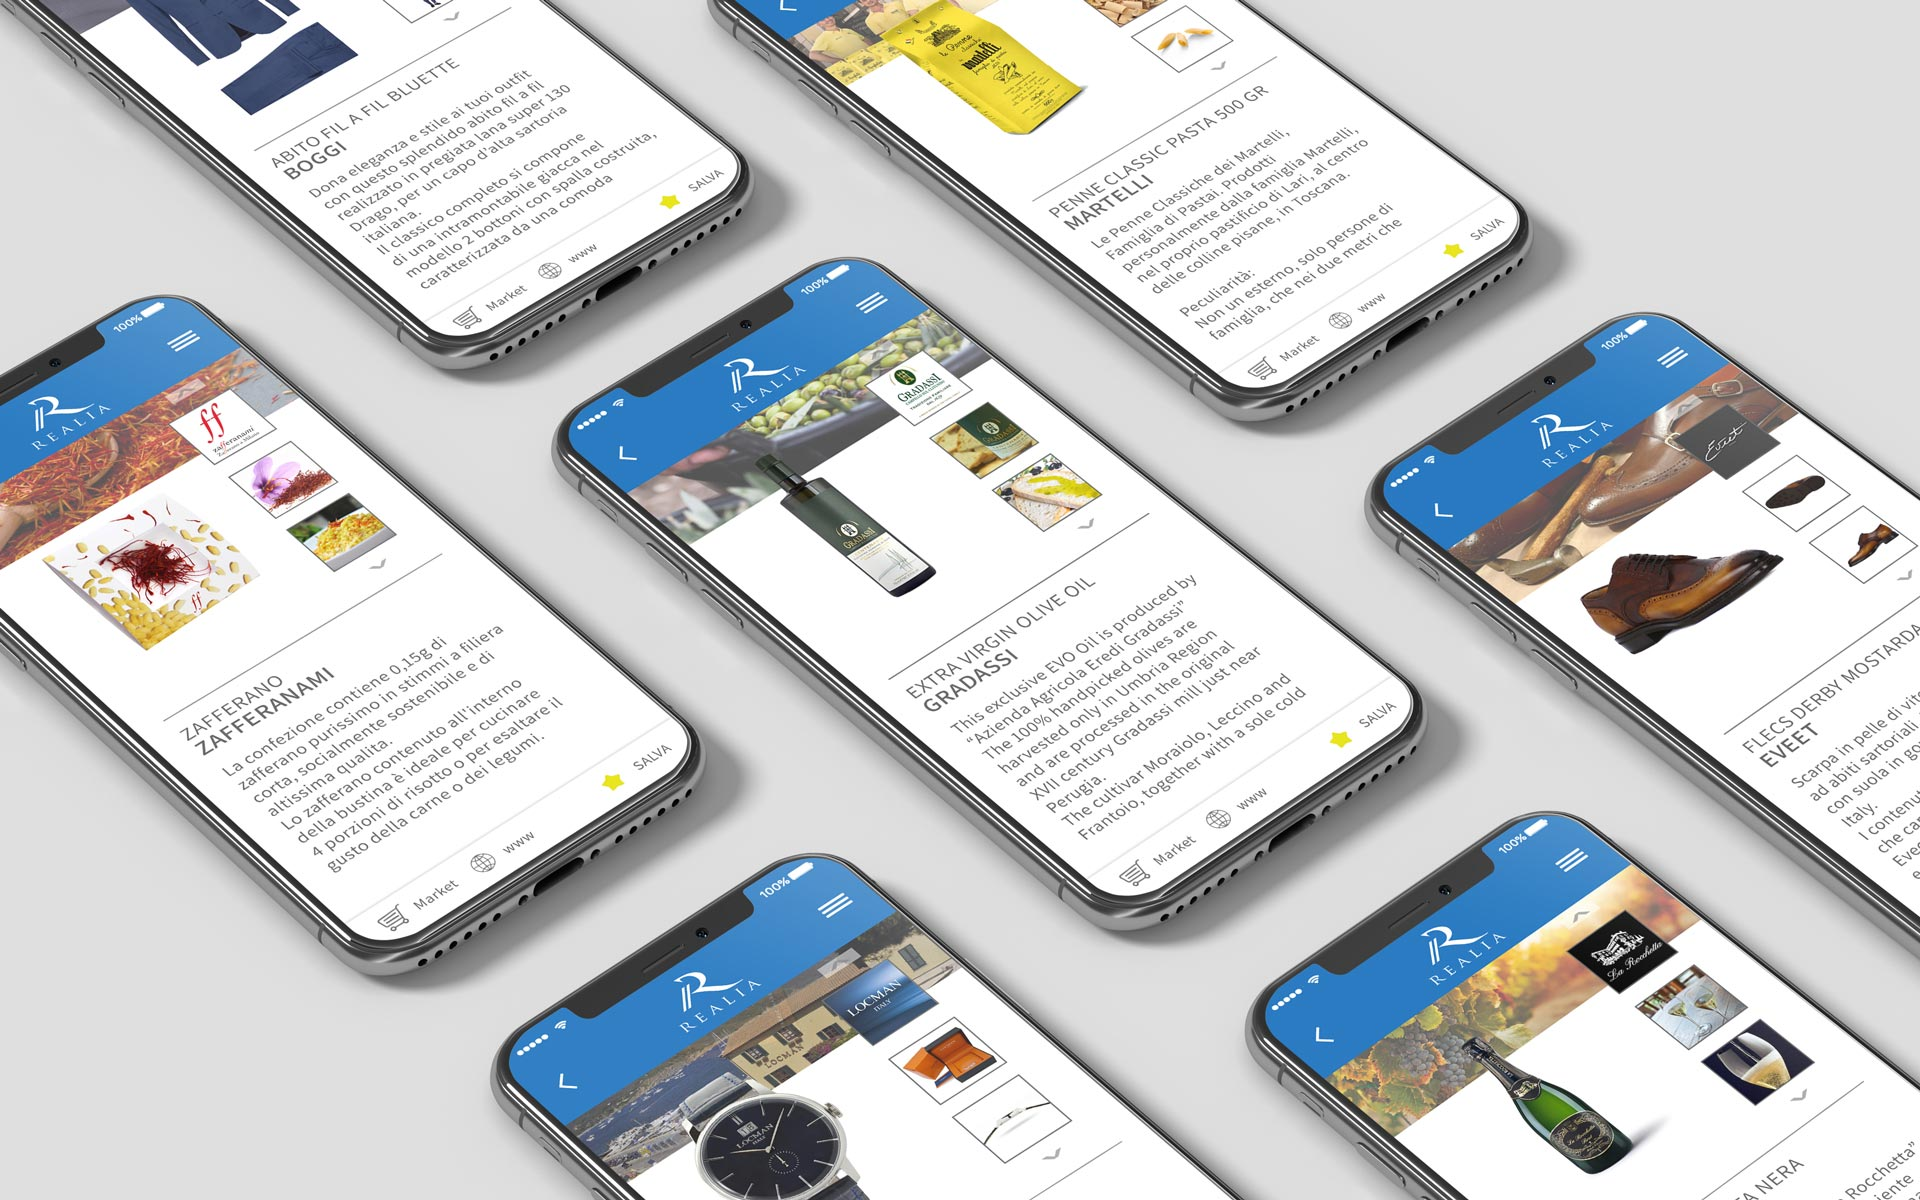 Prova l'app Realia e scopri l'autentico Made in Italy